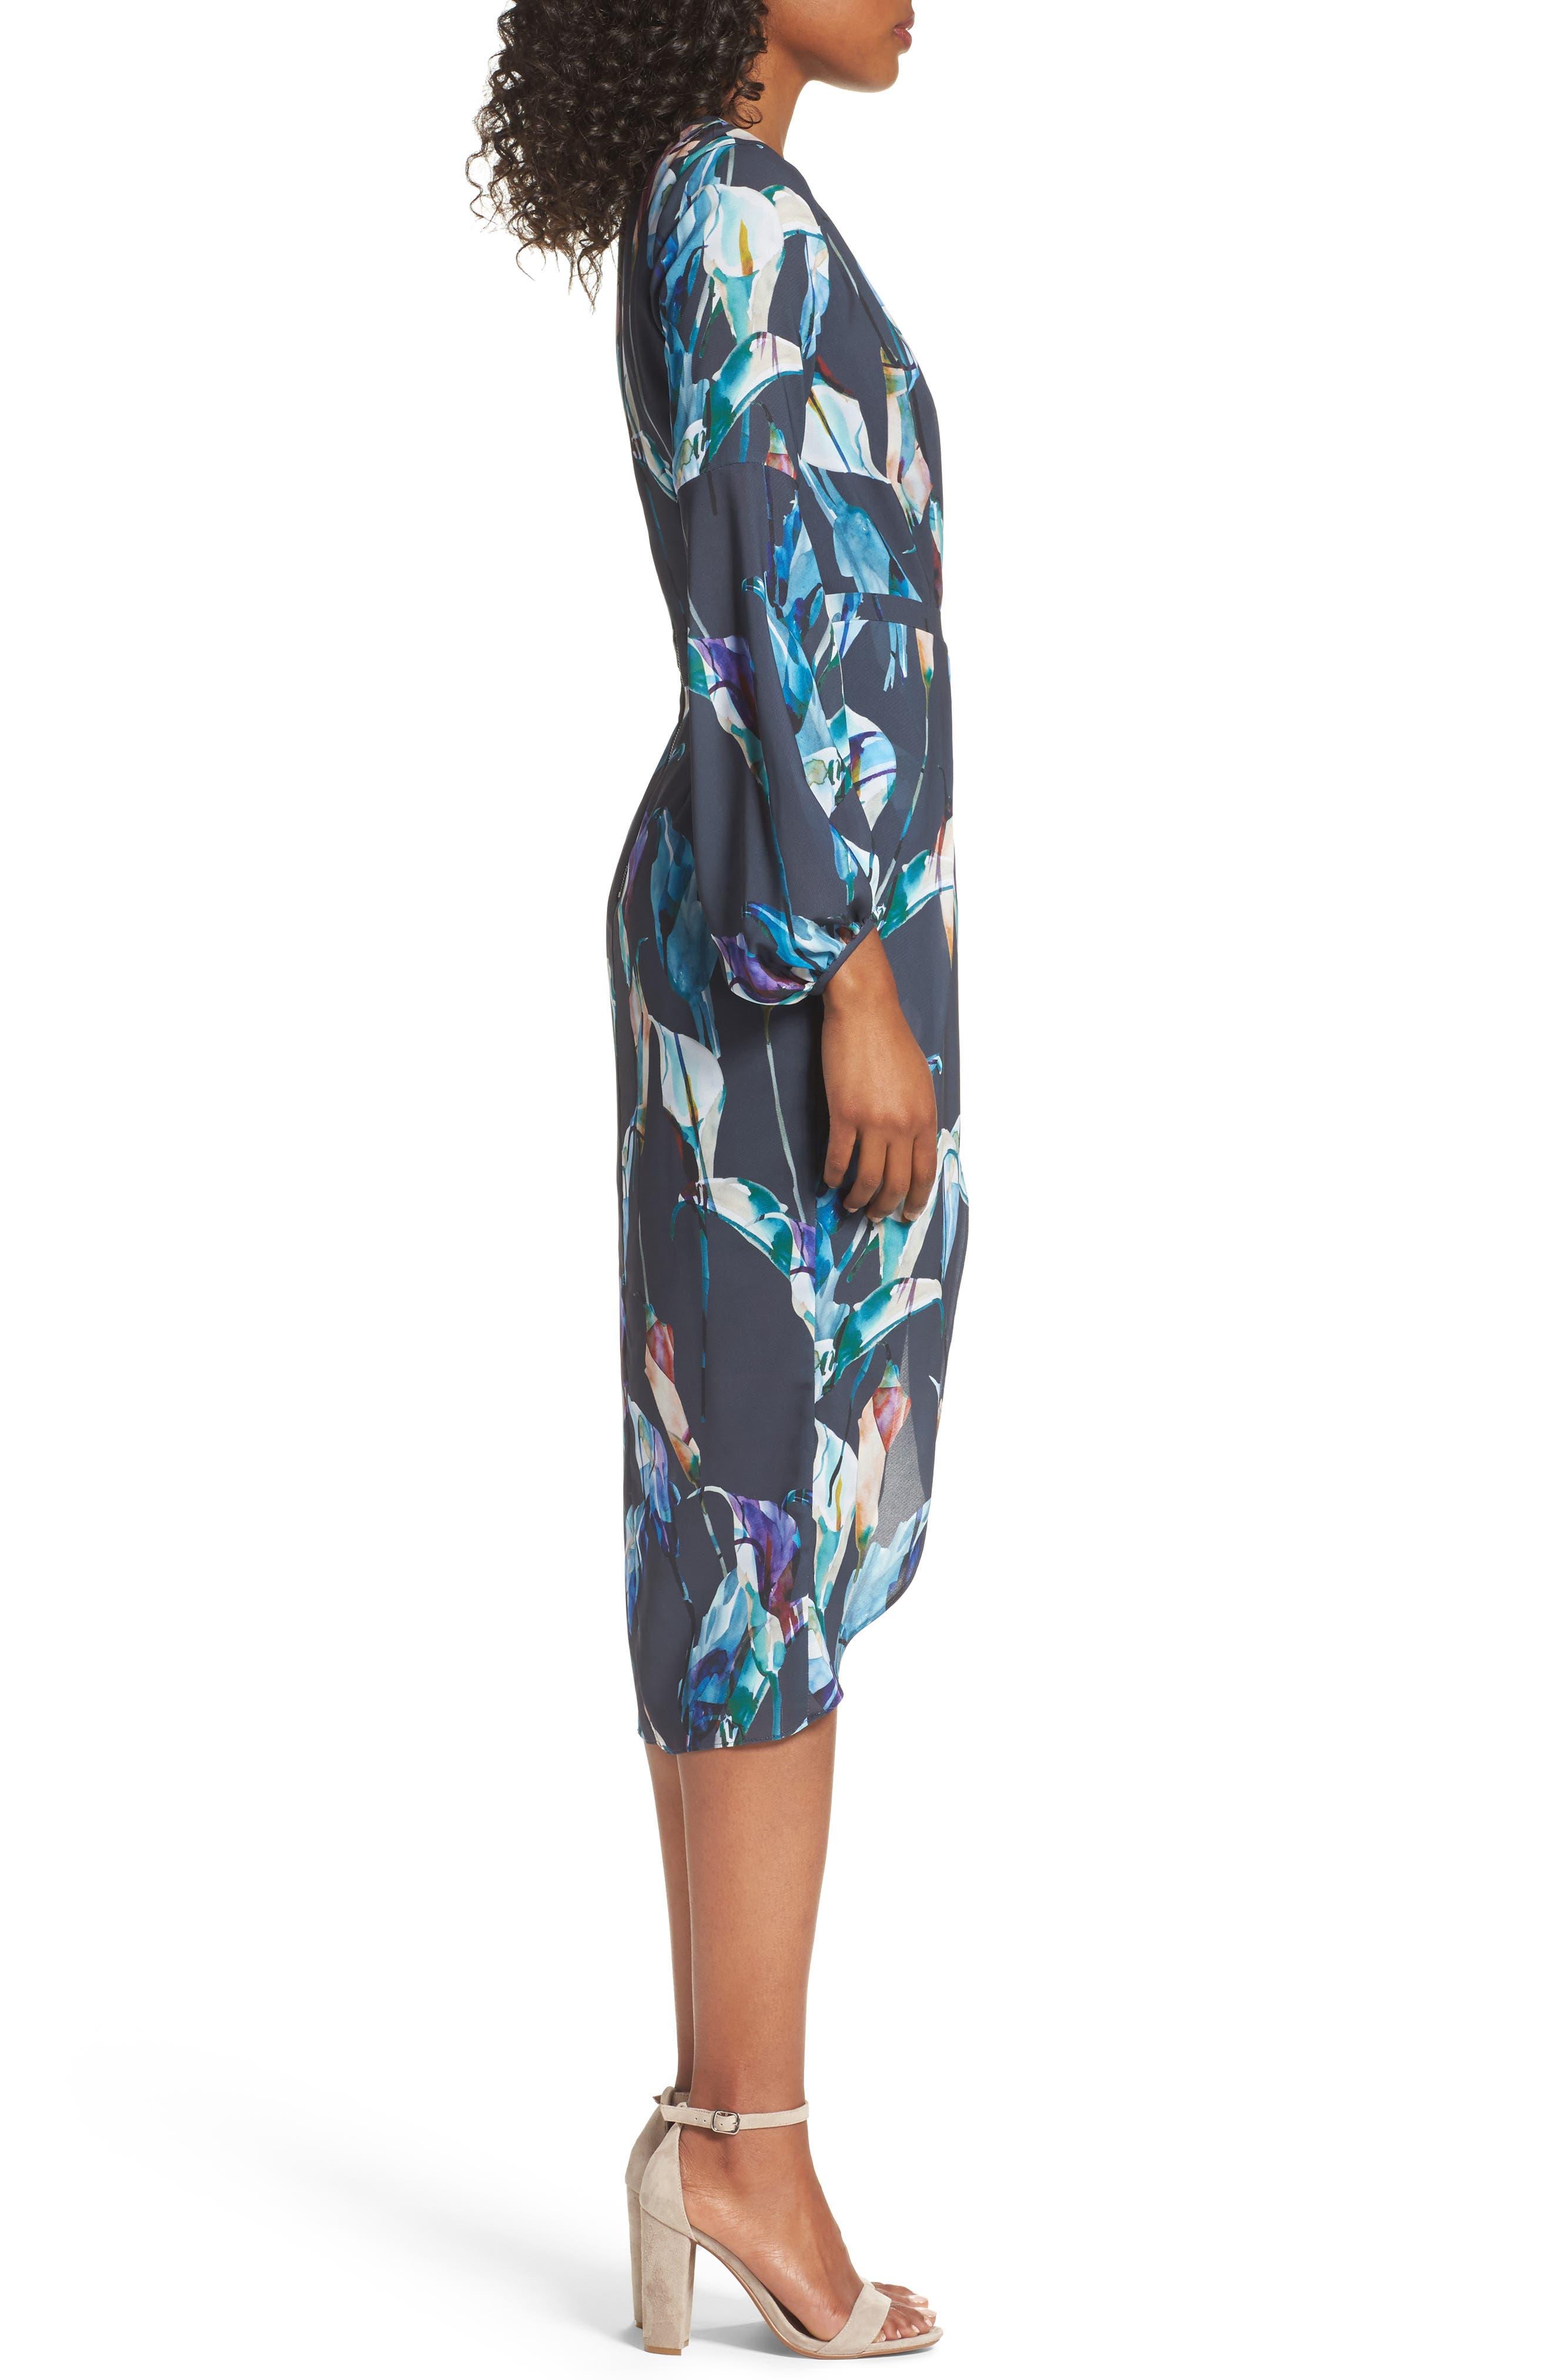 Romanticise Midi Dress,                             Alternate thumbnail 3, color,                             Black/ Aqua